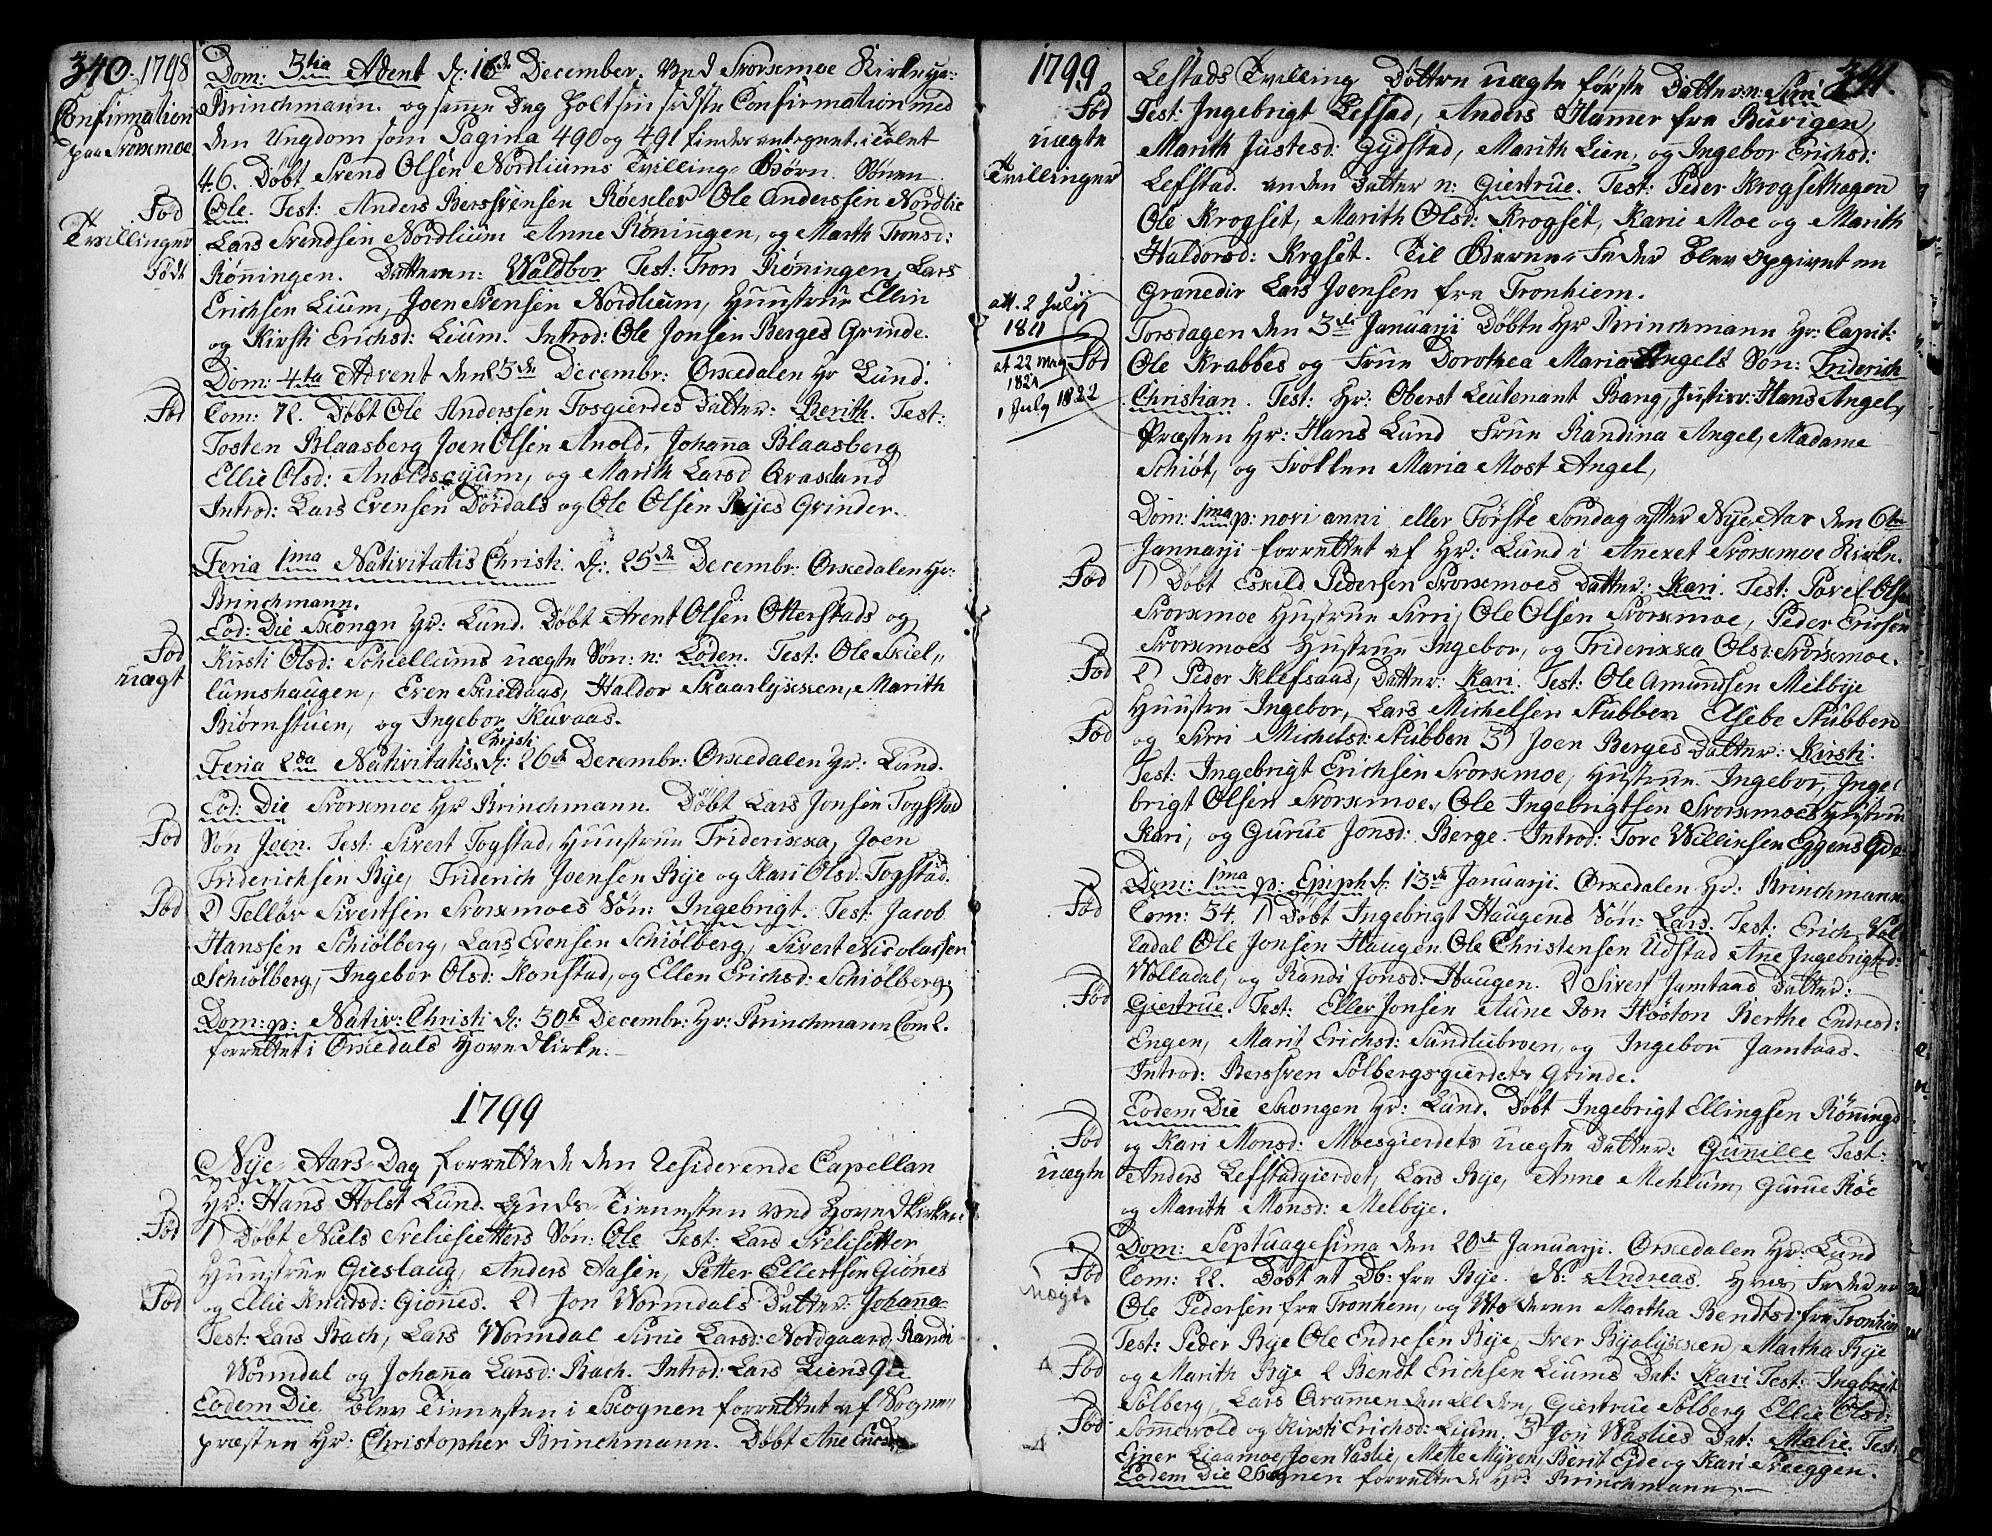 SAT, Ministerialprotokoller, klokkerbøker og fødselsregistre - Sør-Trøndelag, 668/L0802: Ministerialbok nr. 668A02, 1776-1799, s. 340-341